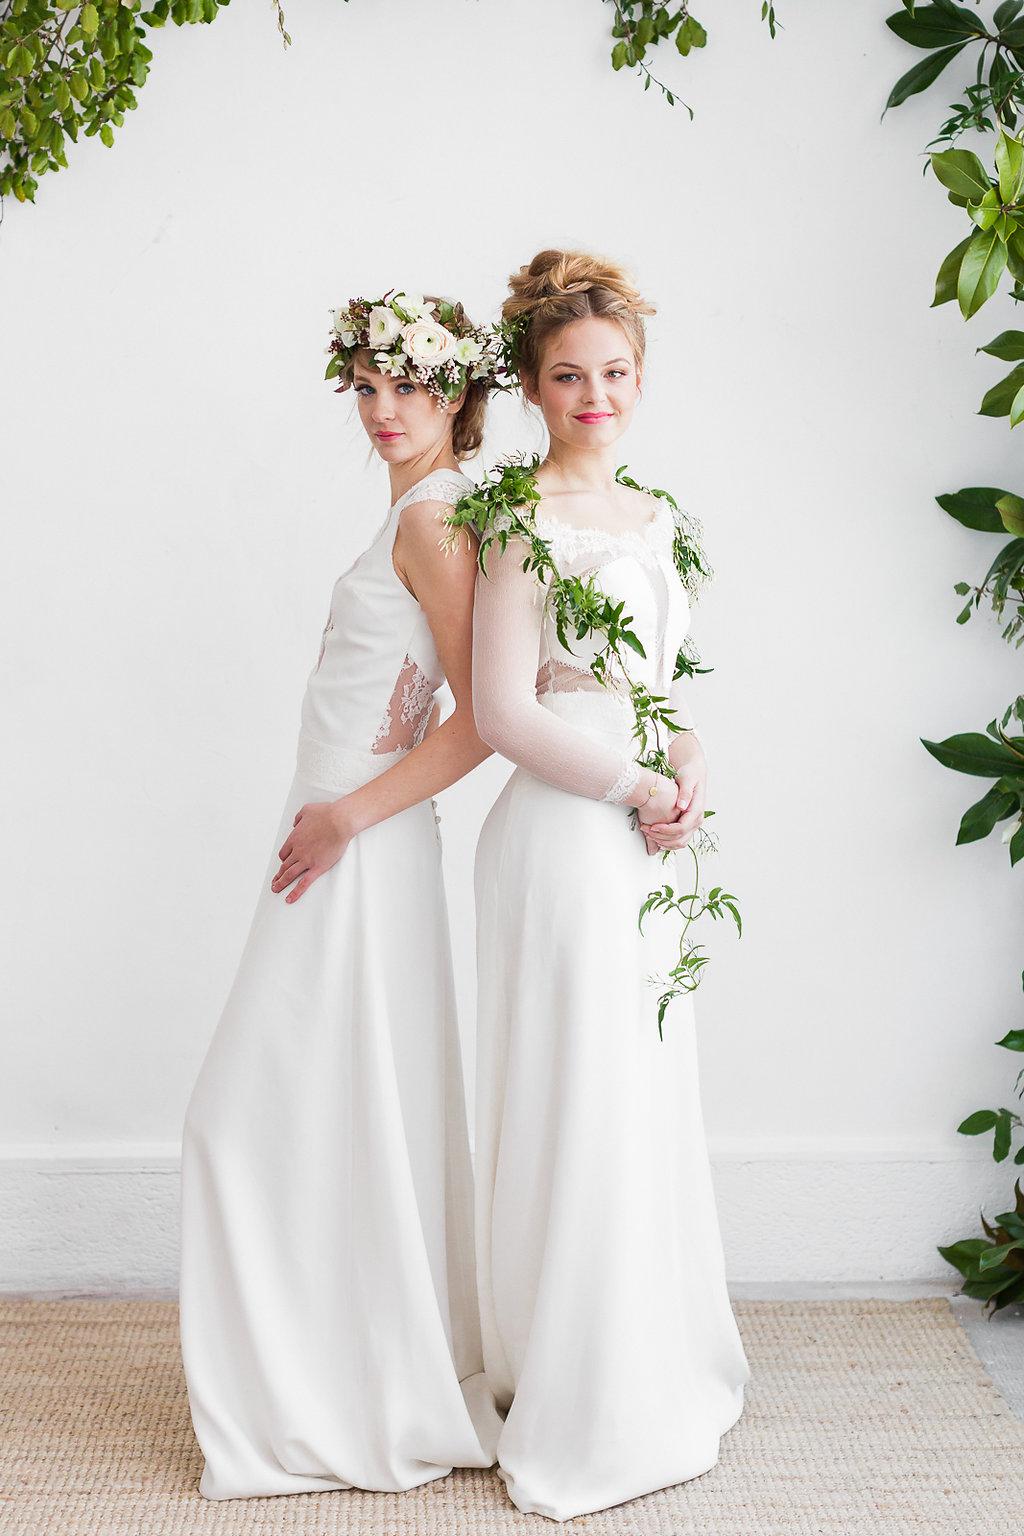 8 conseils beauté pour une mariée sublimée